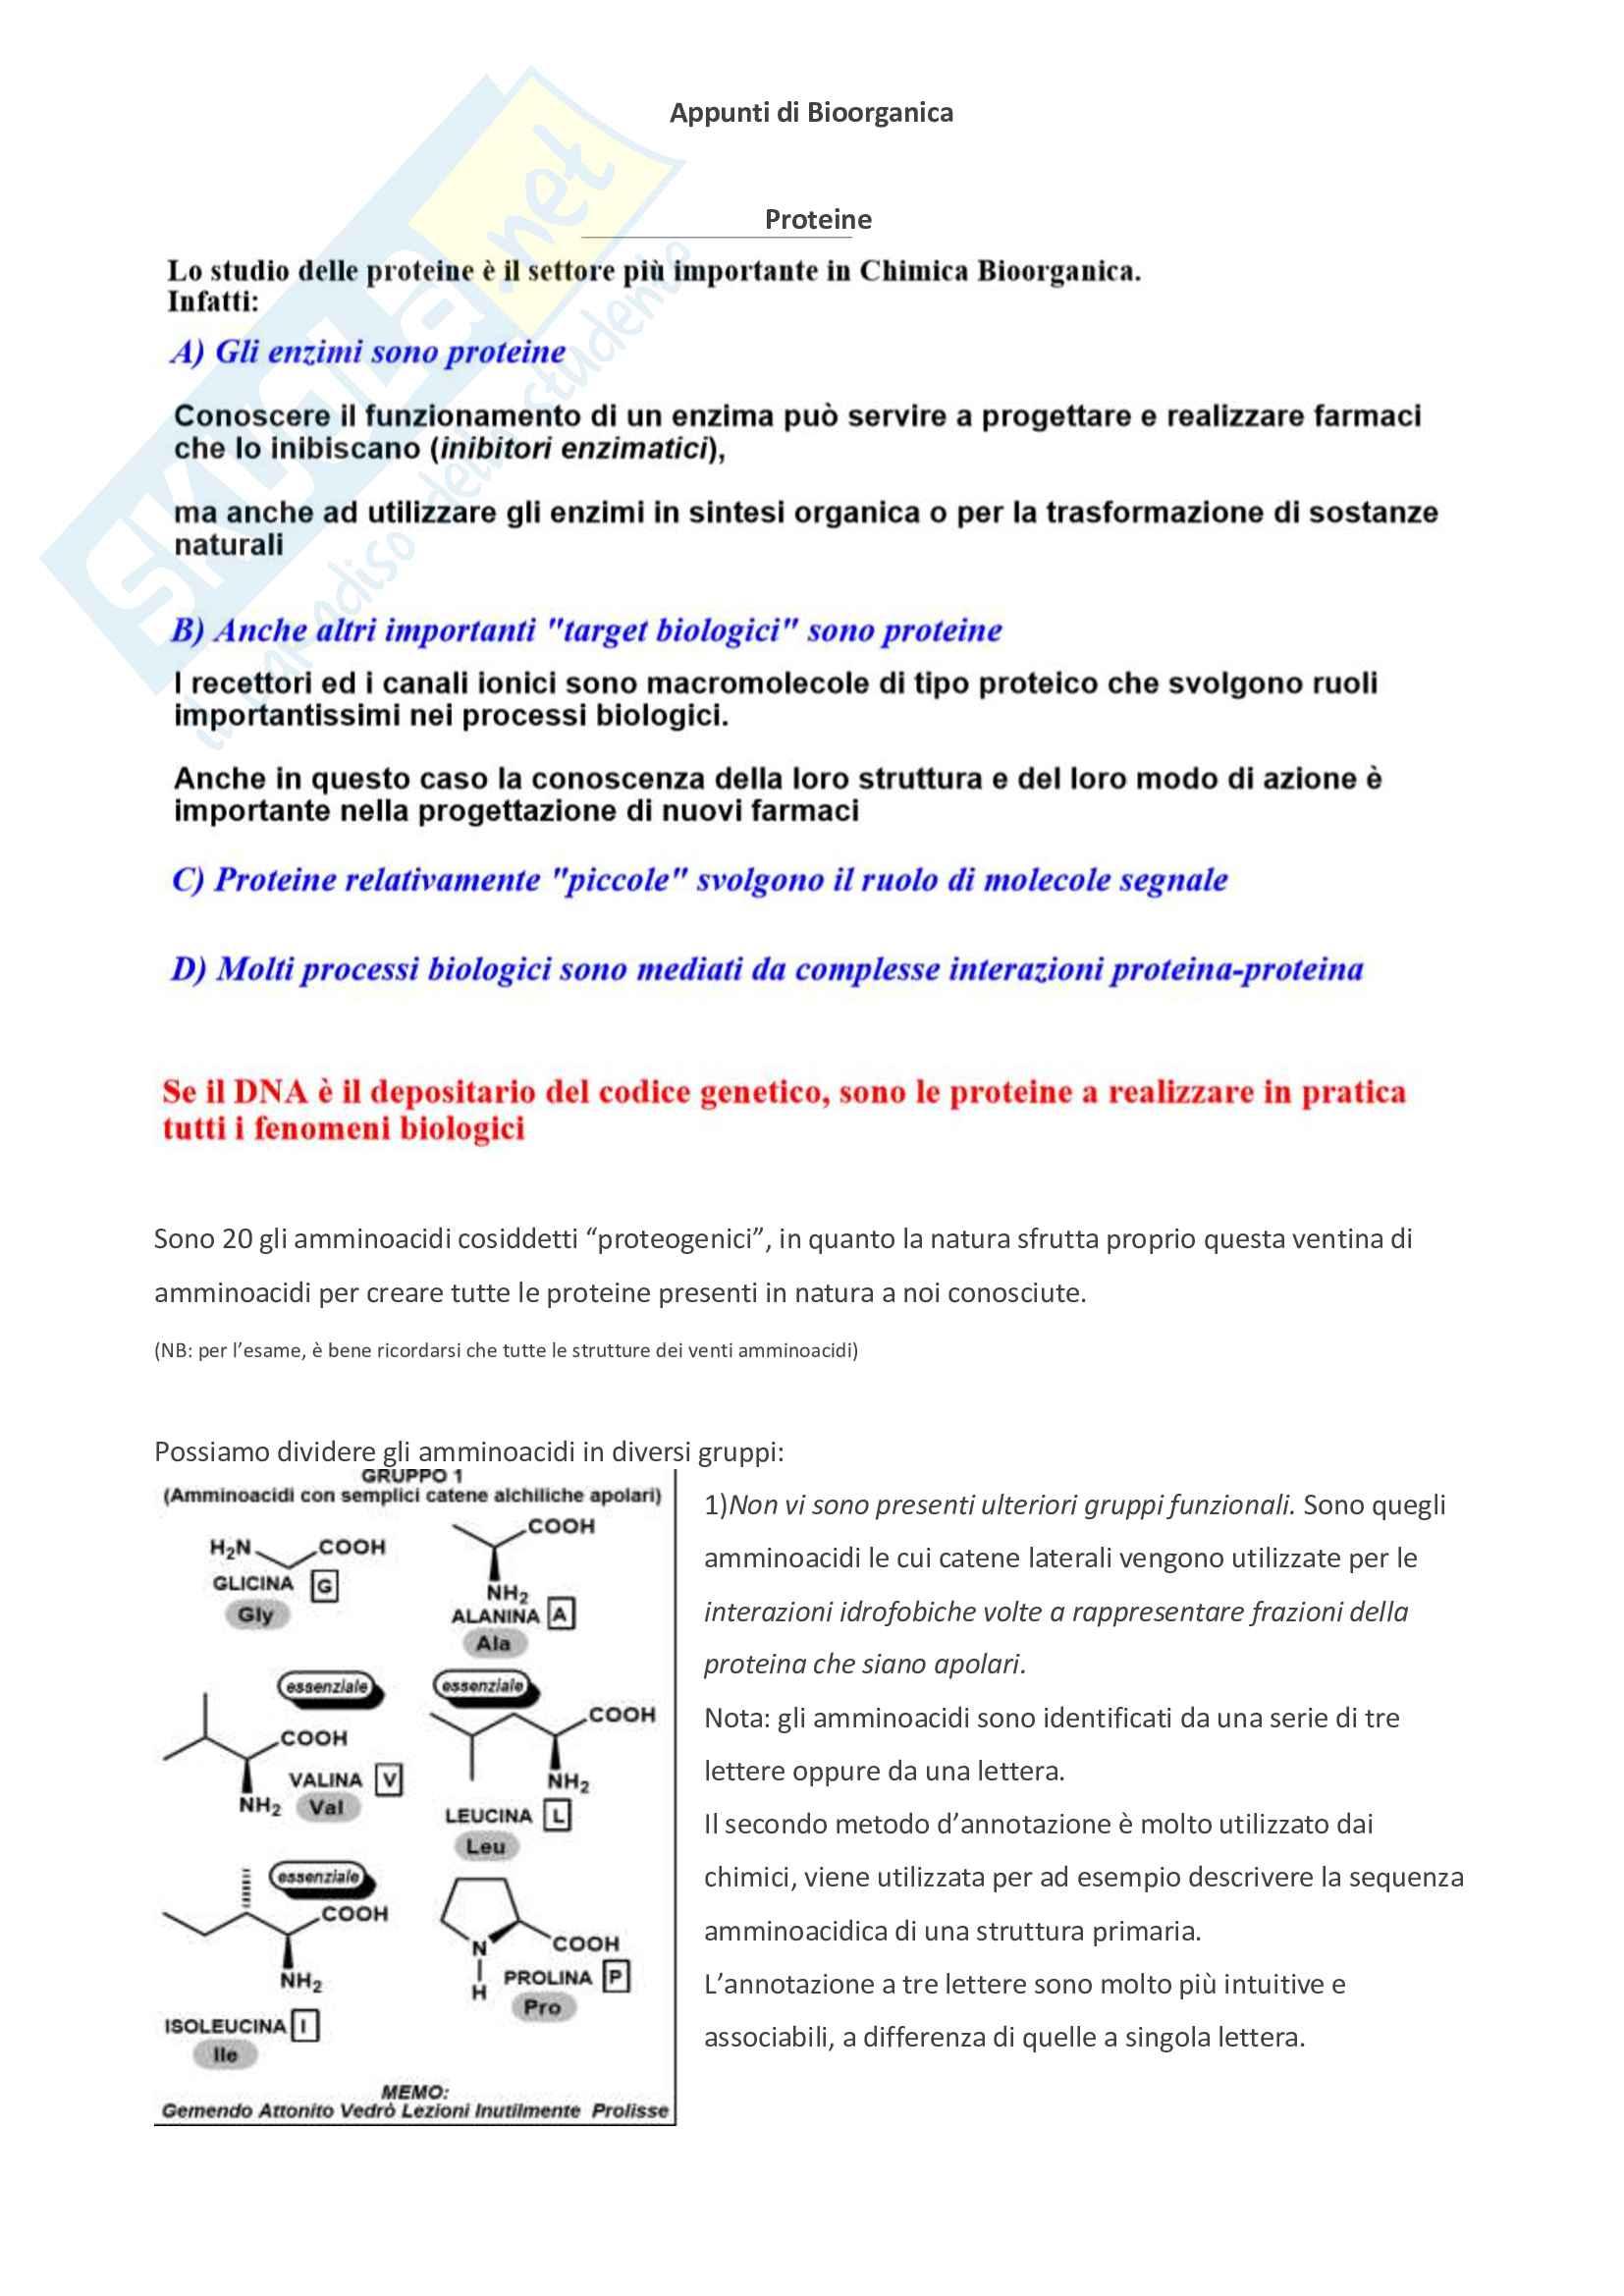 Appunti di bioorganica